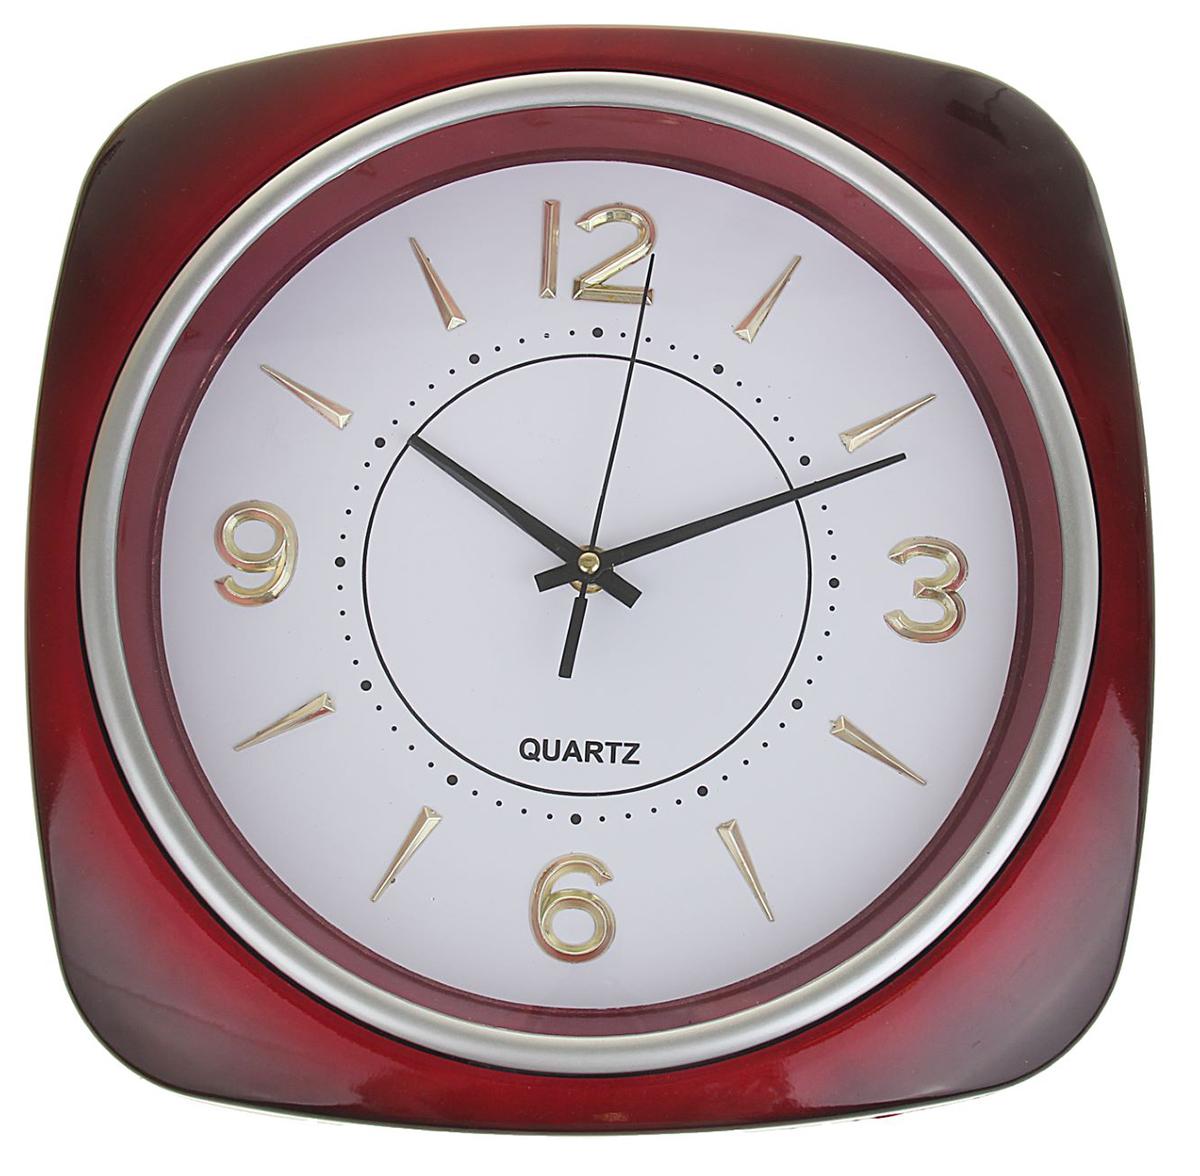 Часы настенные, цвет: бордо, хром, белый, 31 х 31 см troyka часы настенные troyka 31 см